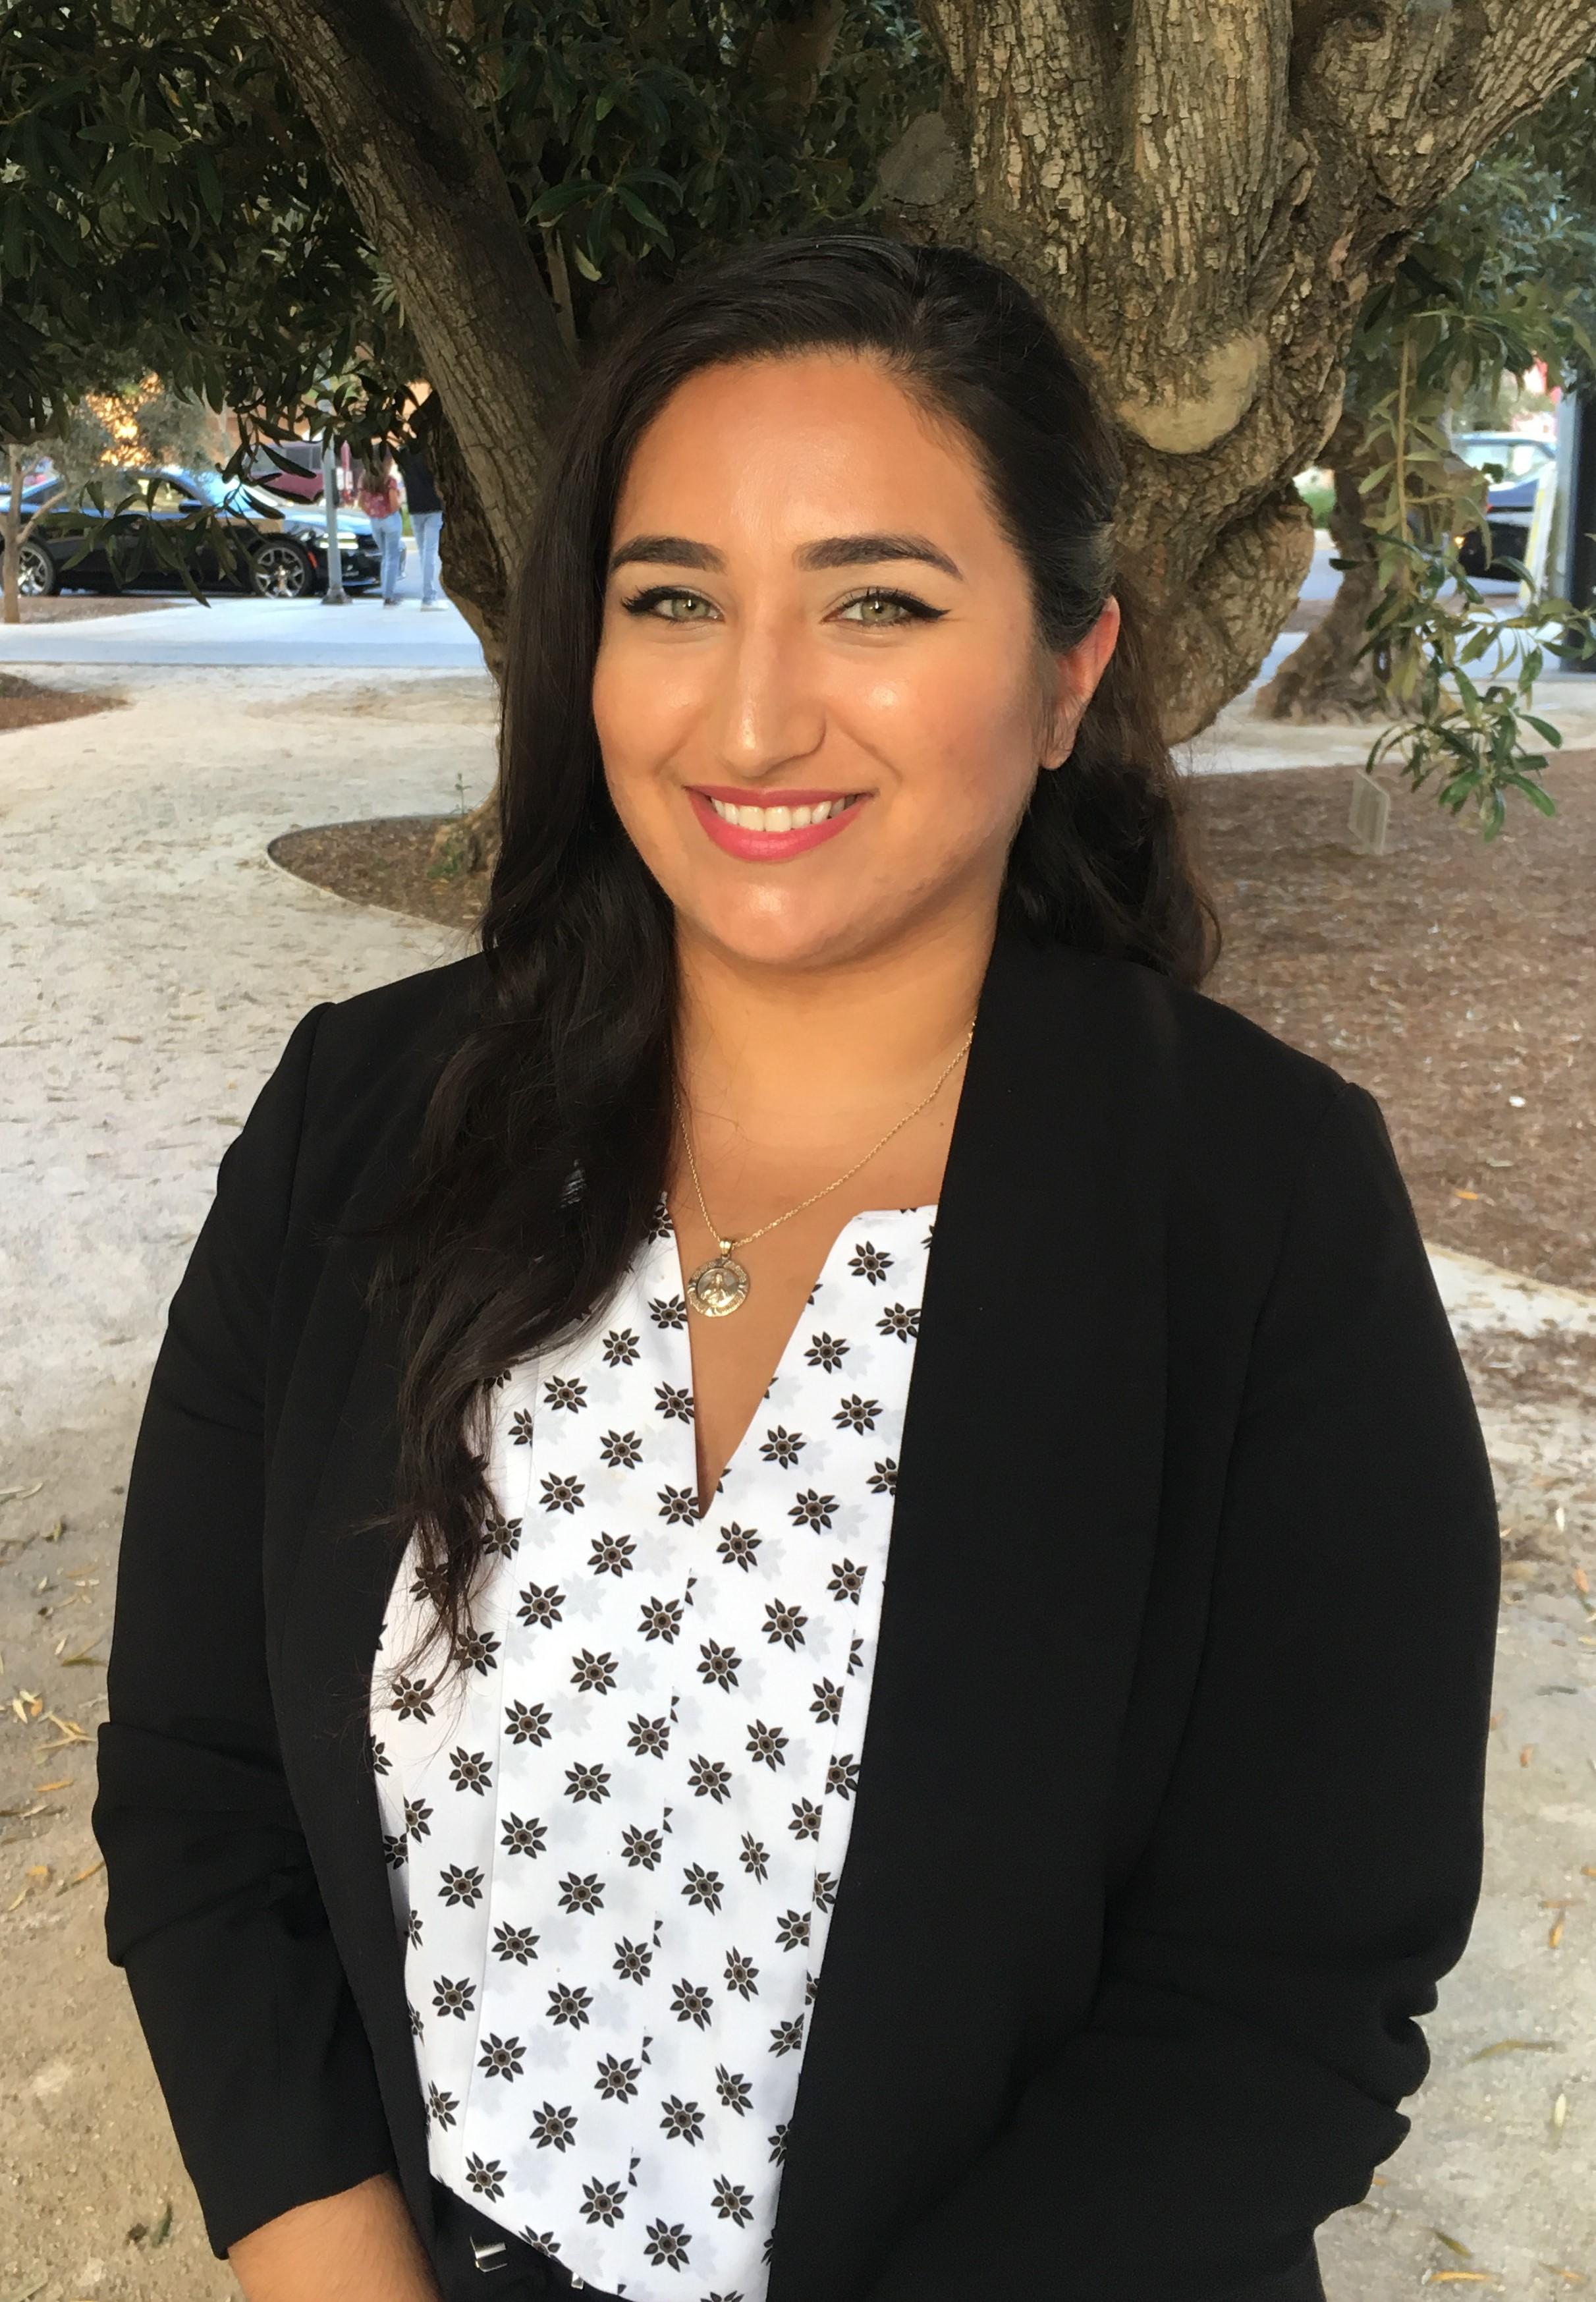 Chloe Neblina Profile Page Picture